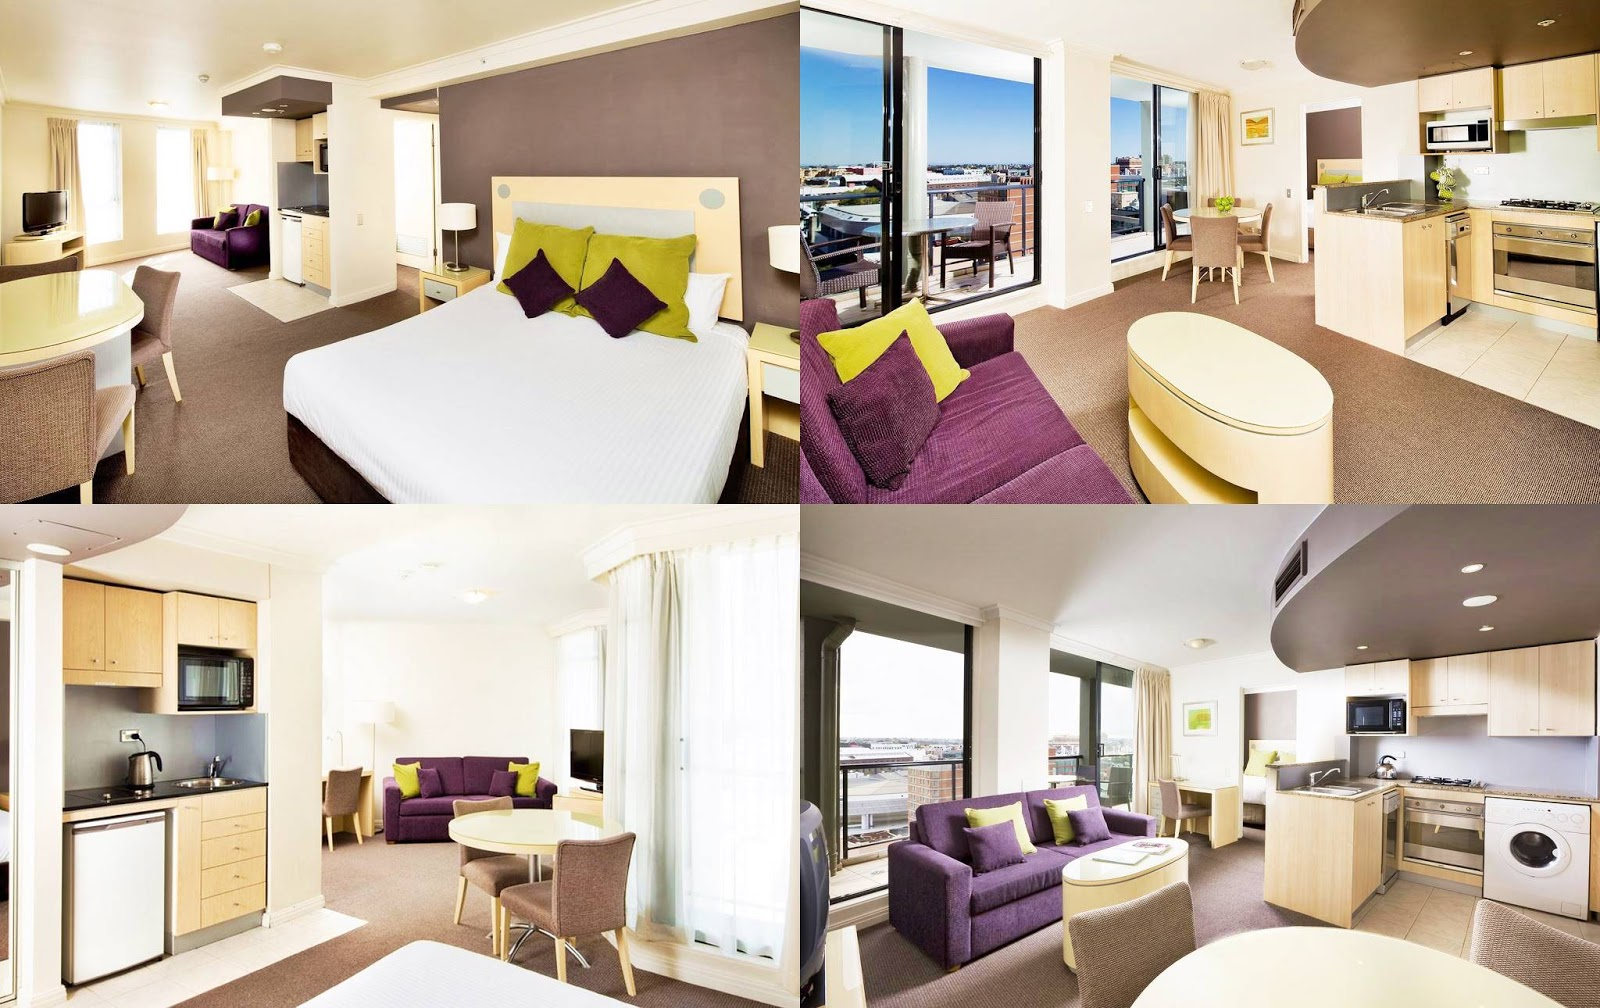 雪梨-住宿-推薦-喬治休閒酒店-BreakFree-on-George-飯店-旅館-酒店-公寓-民宿-澳洲-Sydney-Hotel-Apartment-Travel-Australia